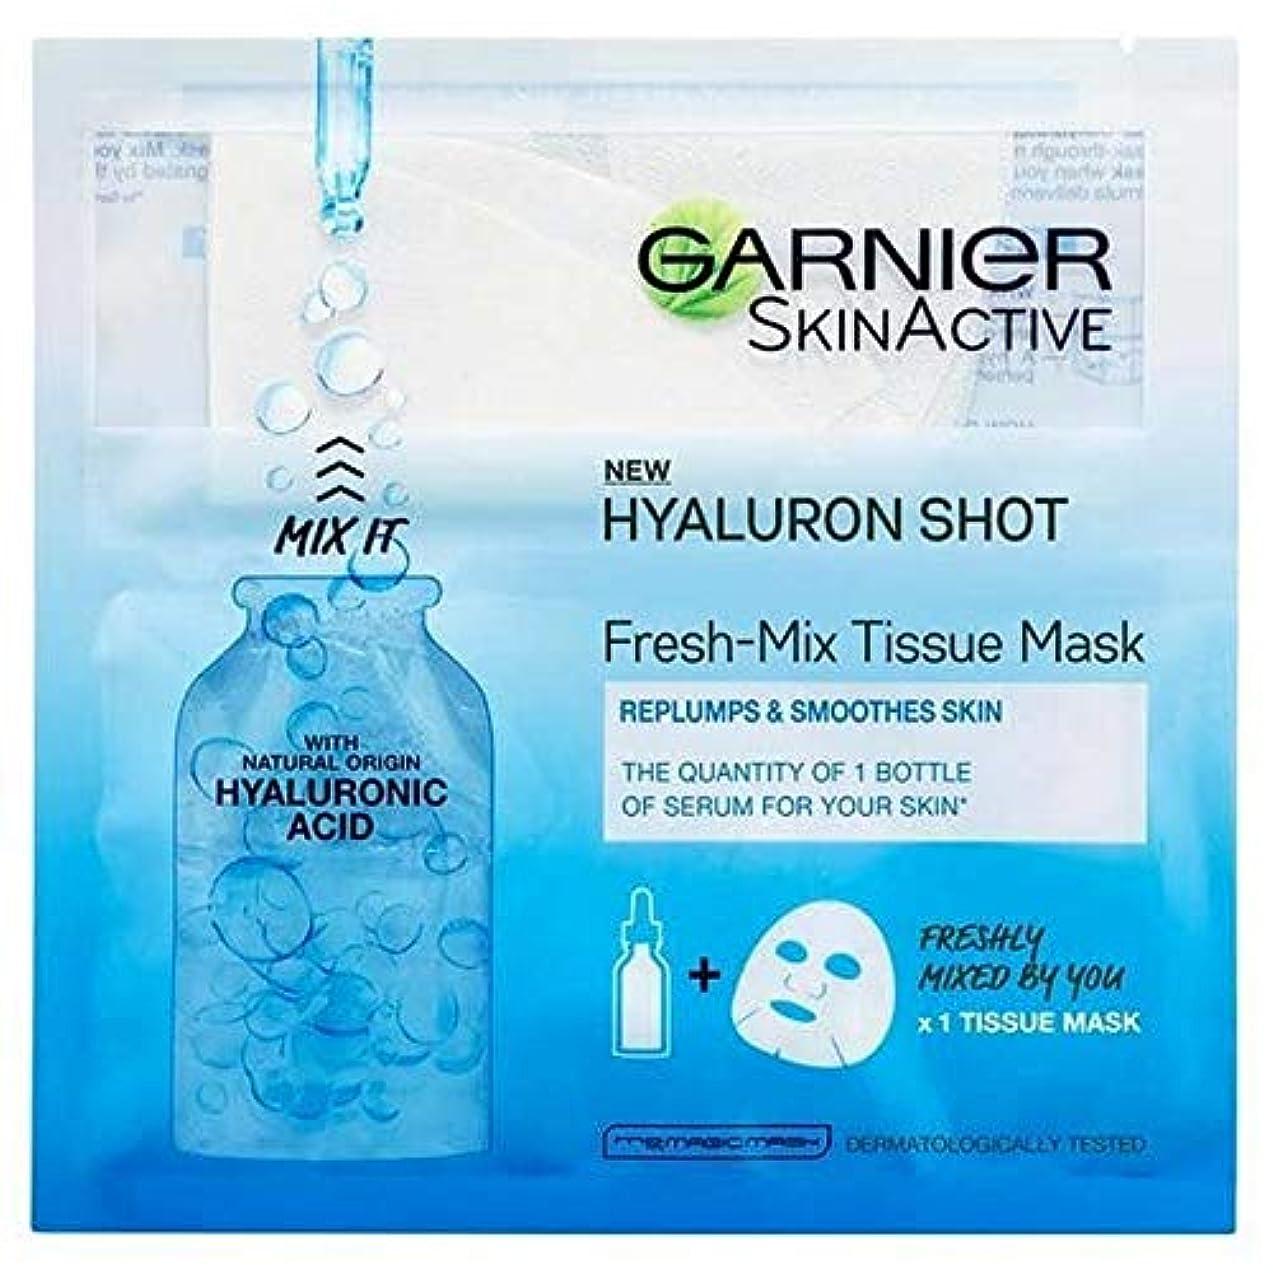 経験者おとこ組み合わせ[Garnier] ヒアルロン酸とガルニエ新鮮なミックスフェイスシートショットマスク - Garnier Fresh-Mix Face Sheet Shot Mask with Hyaluronic Acid [並行輸入品]